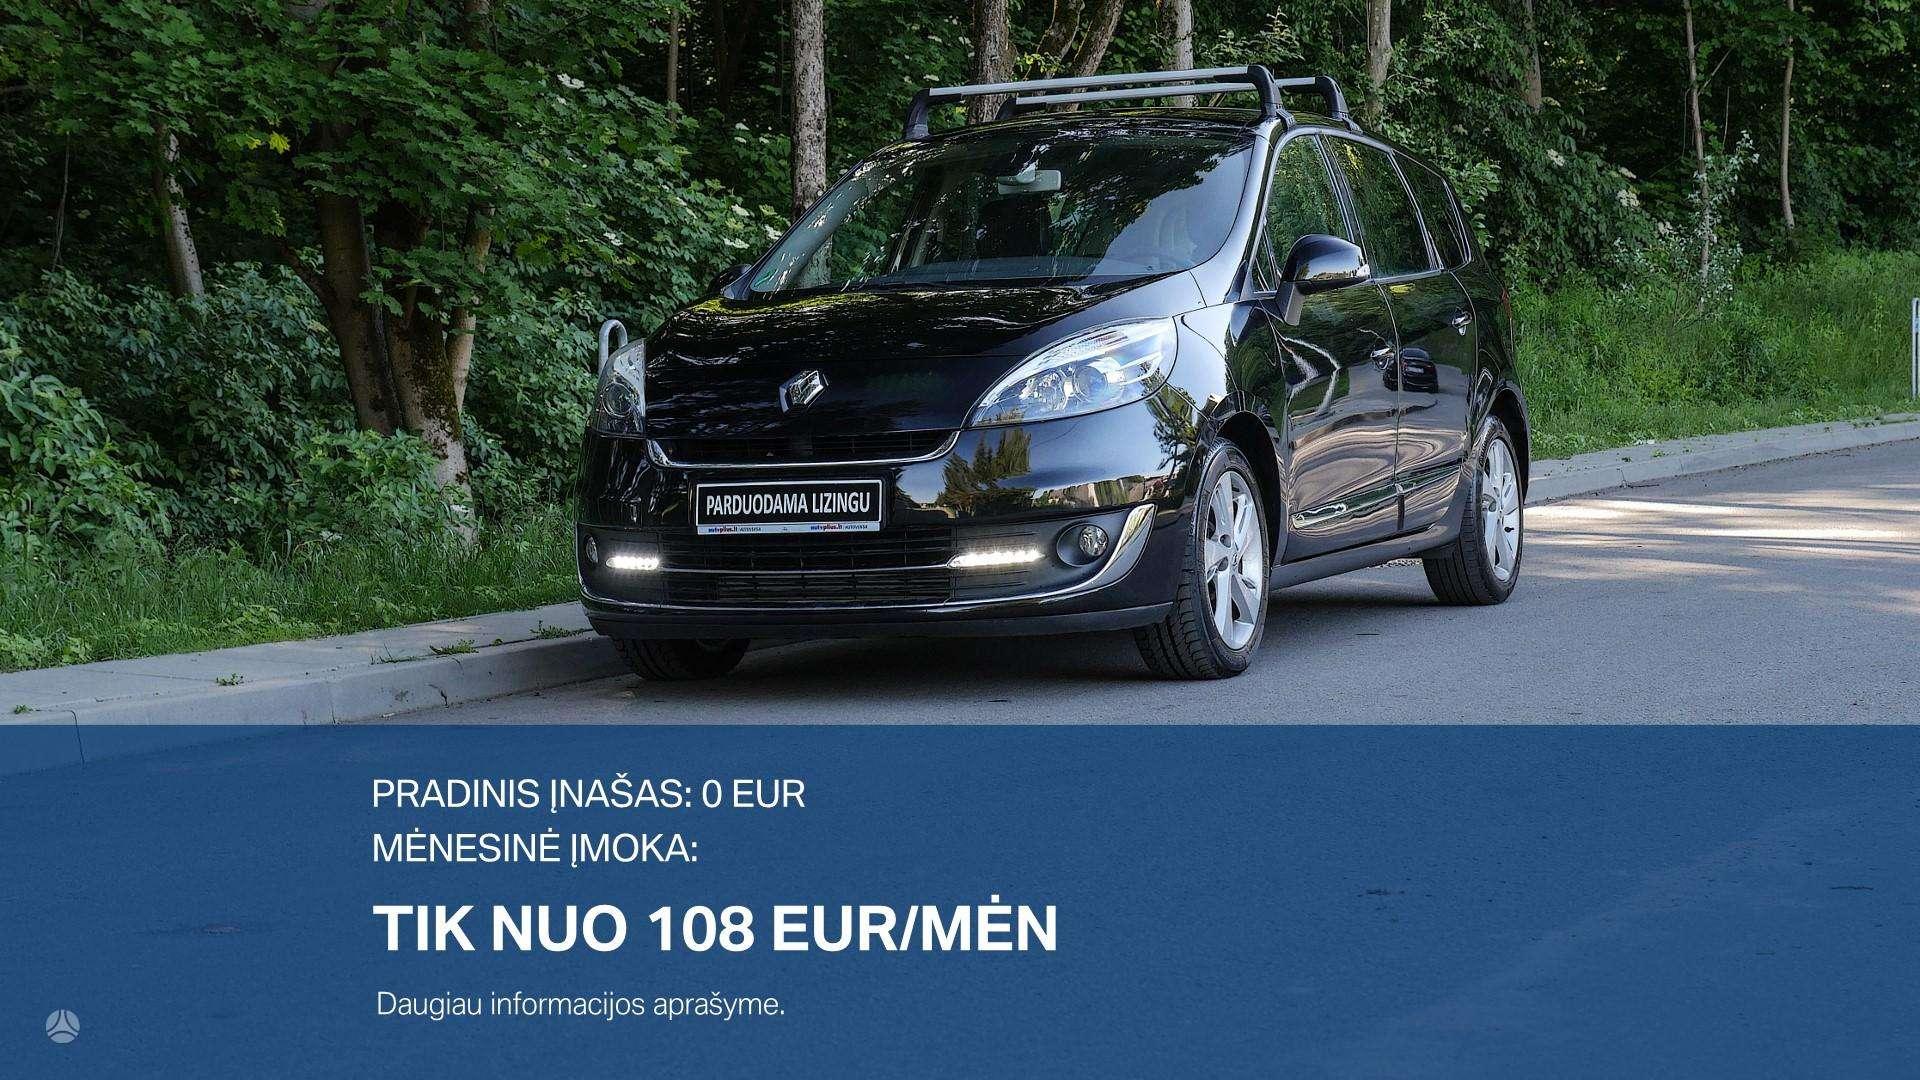 Renault Grand Scenic išsimokėtinai nuo 108Eur/Mėn su 3 mėnesių garantija